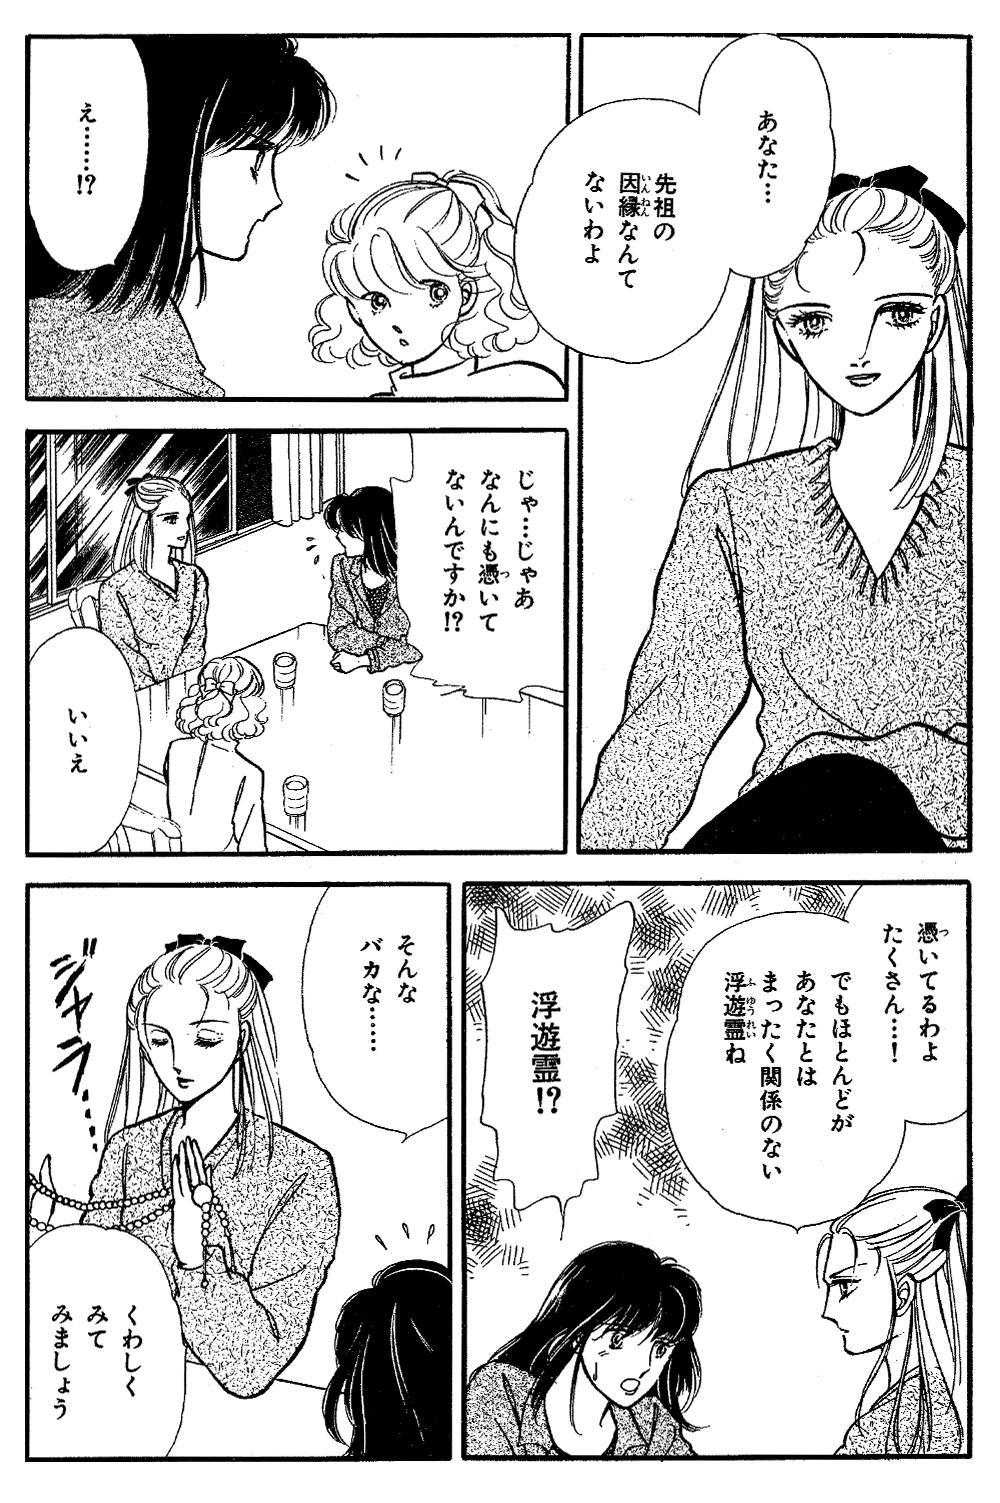 魔百合の恐怖報告  第2話「消えた黒猫」②mayuri08-01.jpg